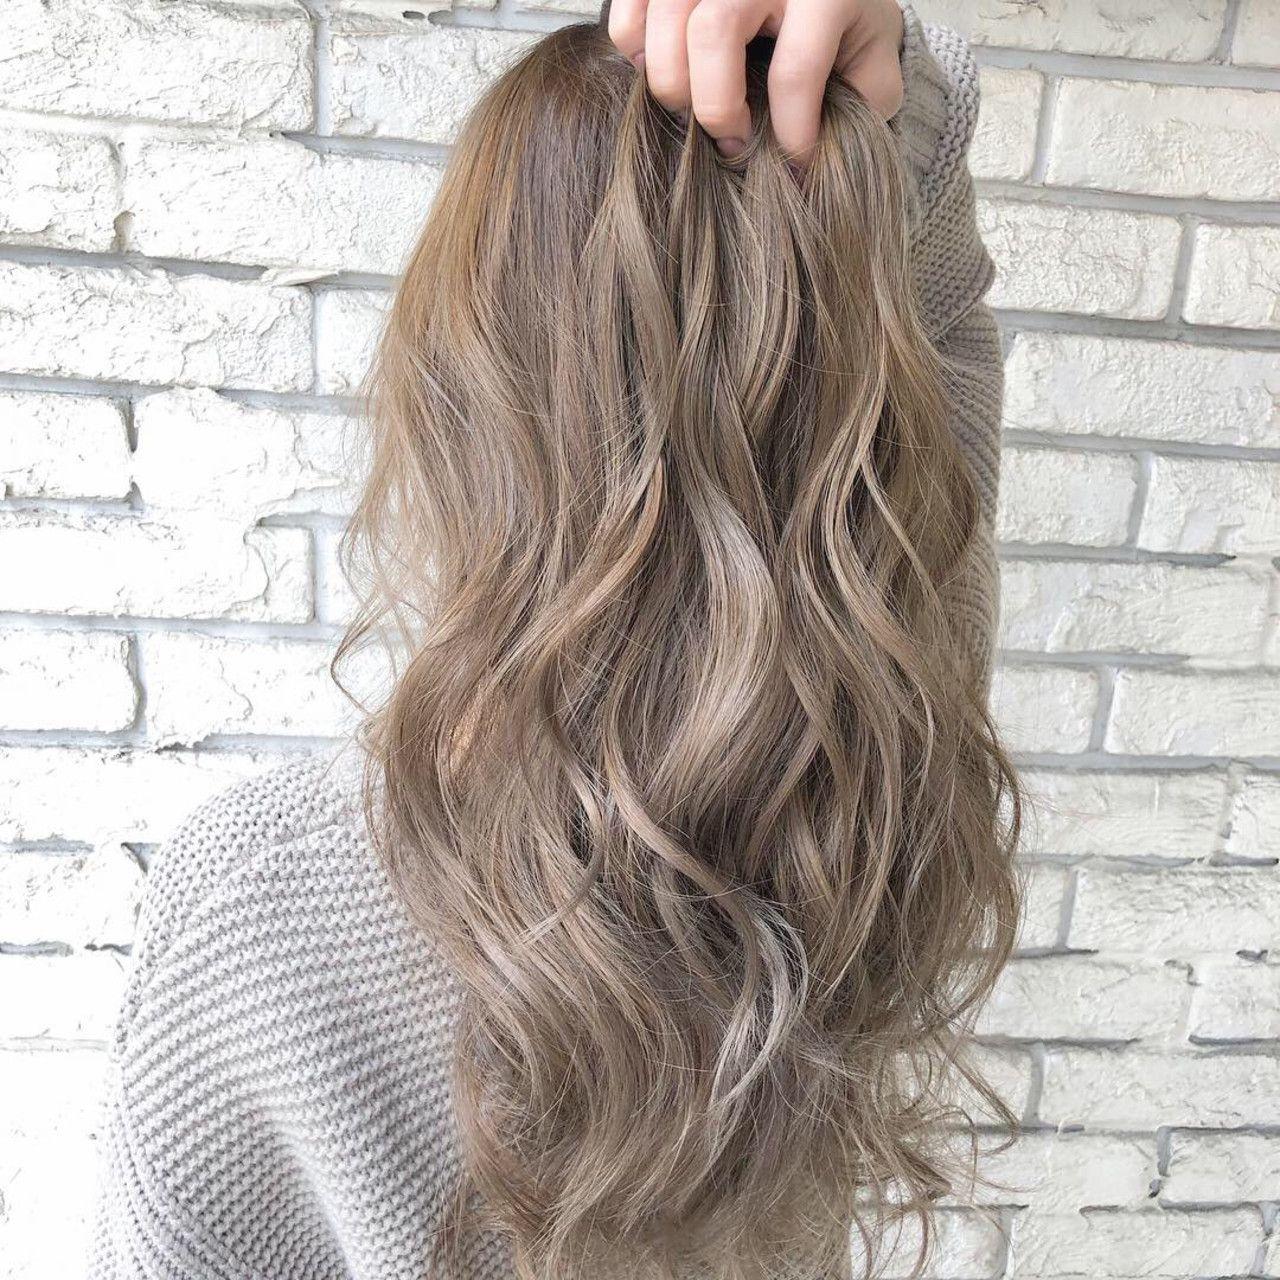 モテ重視 ミルクティーベージュは おフェロな魔法のヘアカラー Hair 髪色 ミルクティー 髪色 ベージュ 髪 色 明るめ